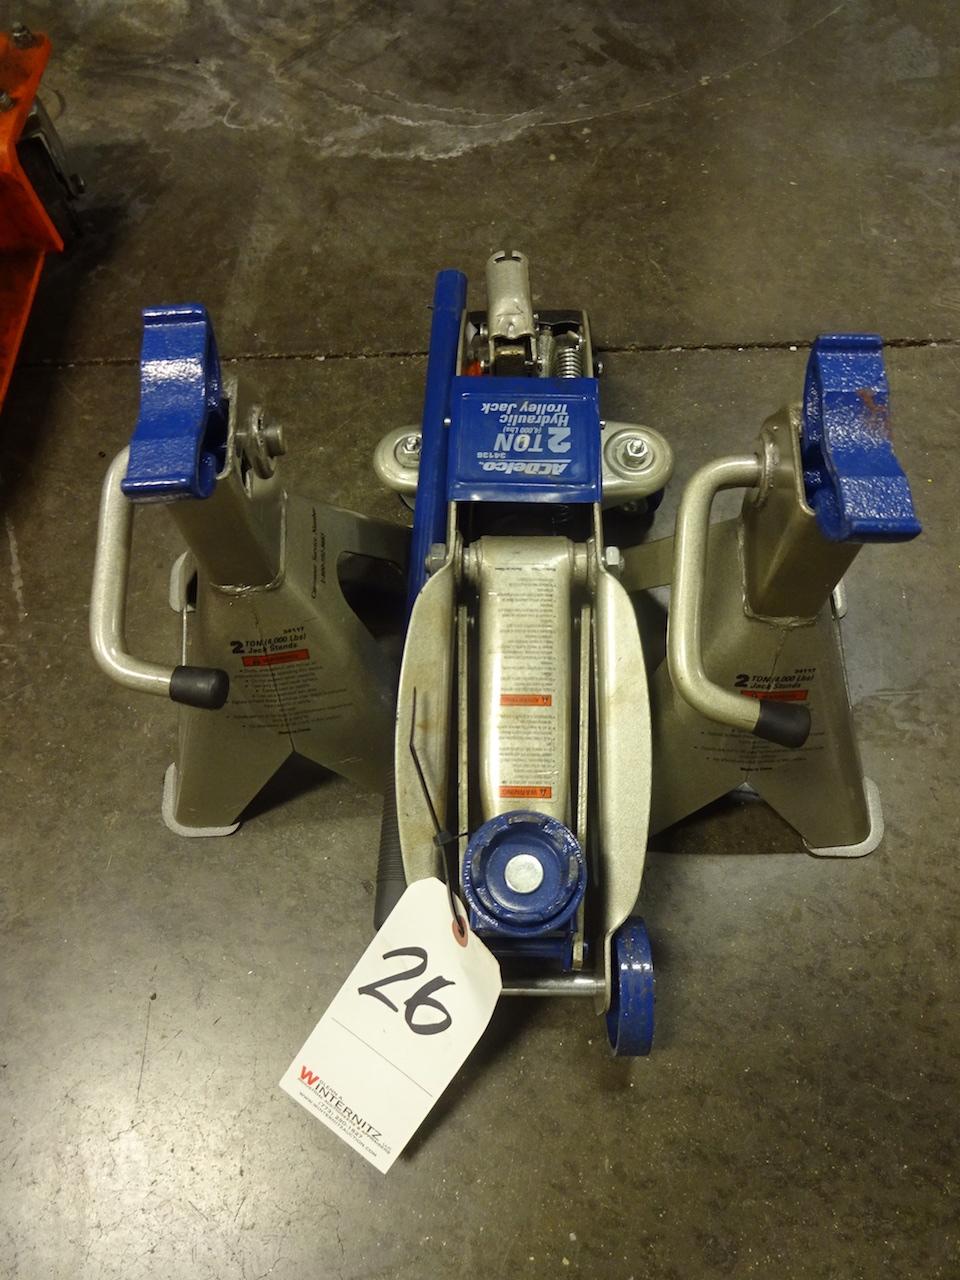 Lot 26 - AC Delco 2 Ton Model 34136 Hydraulic Trolley Jack